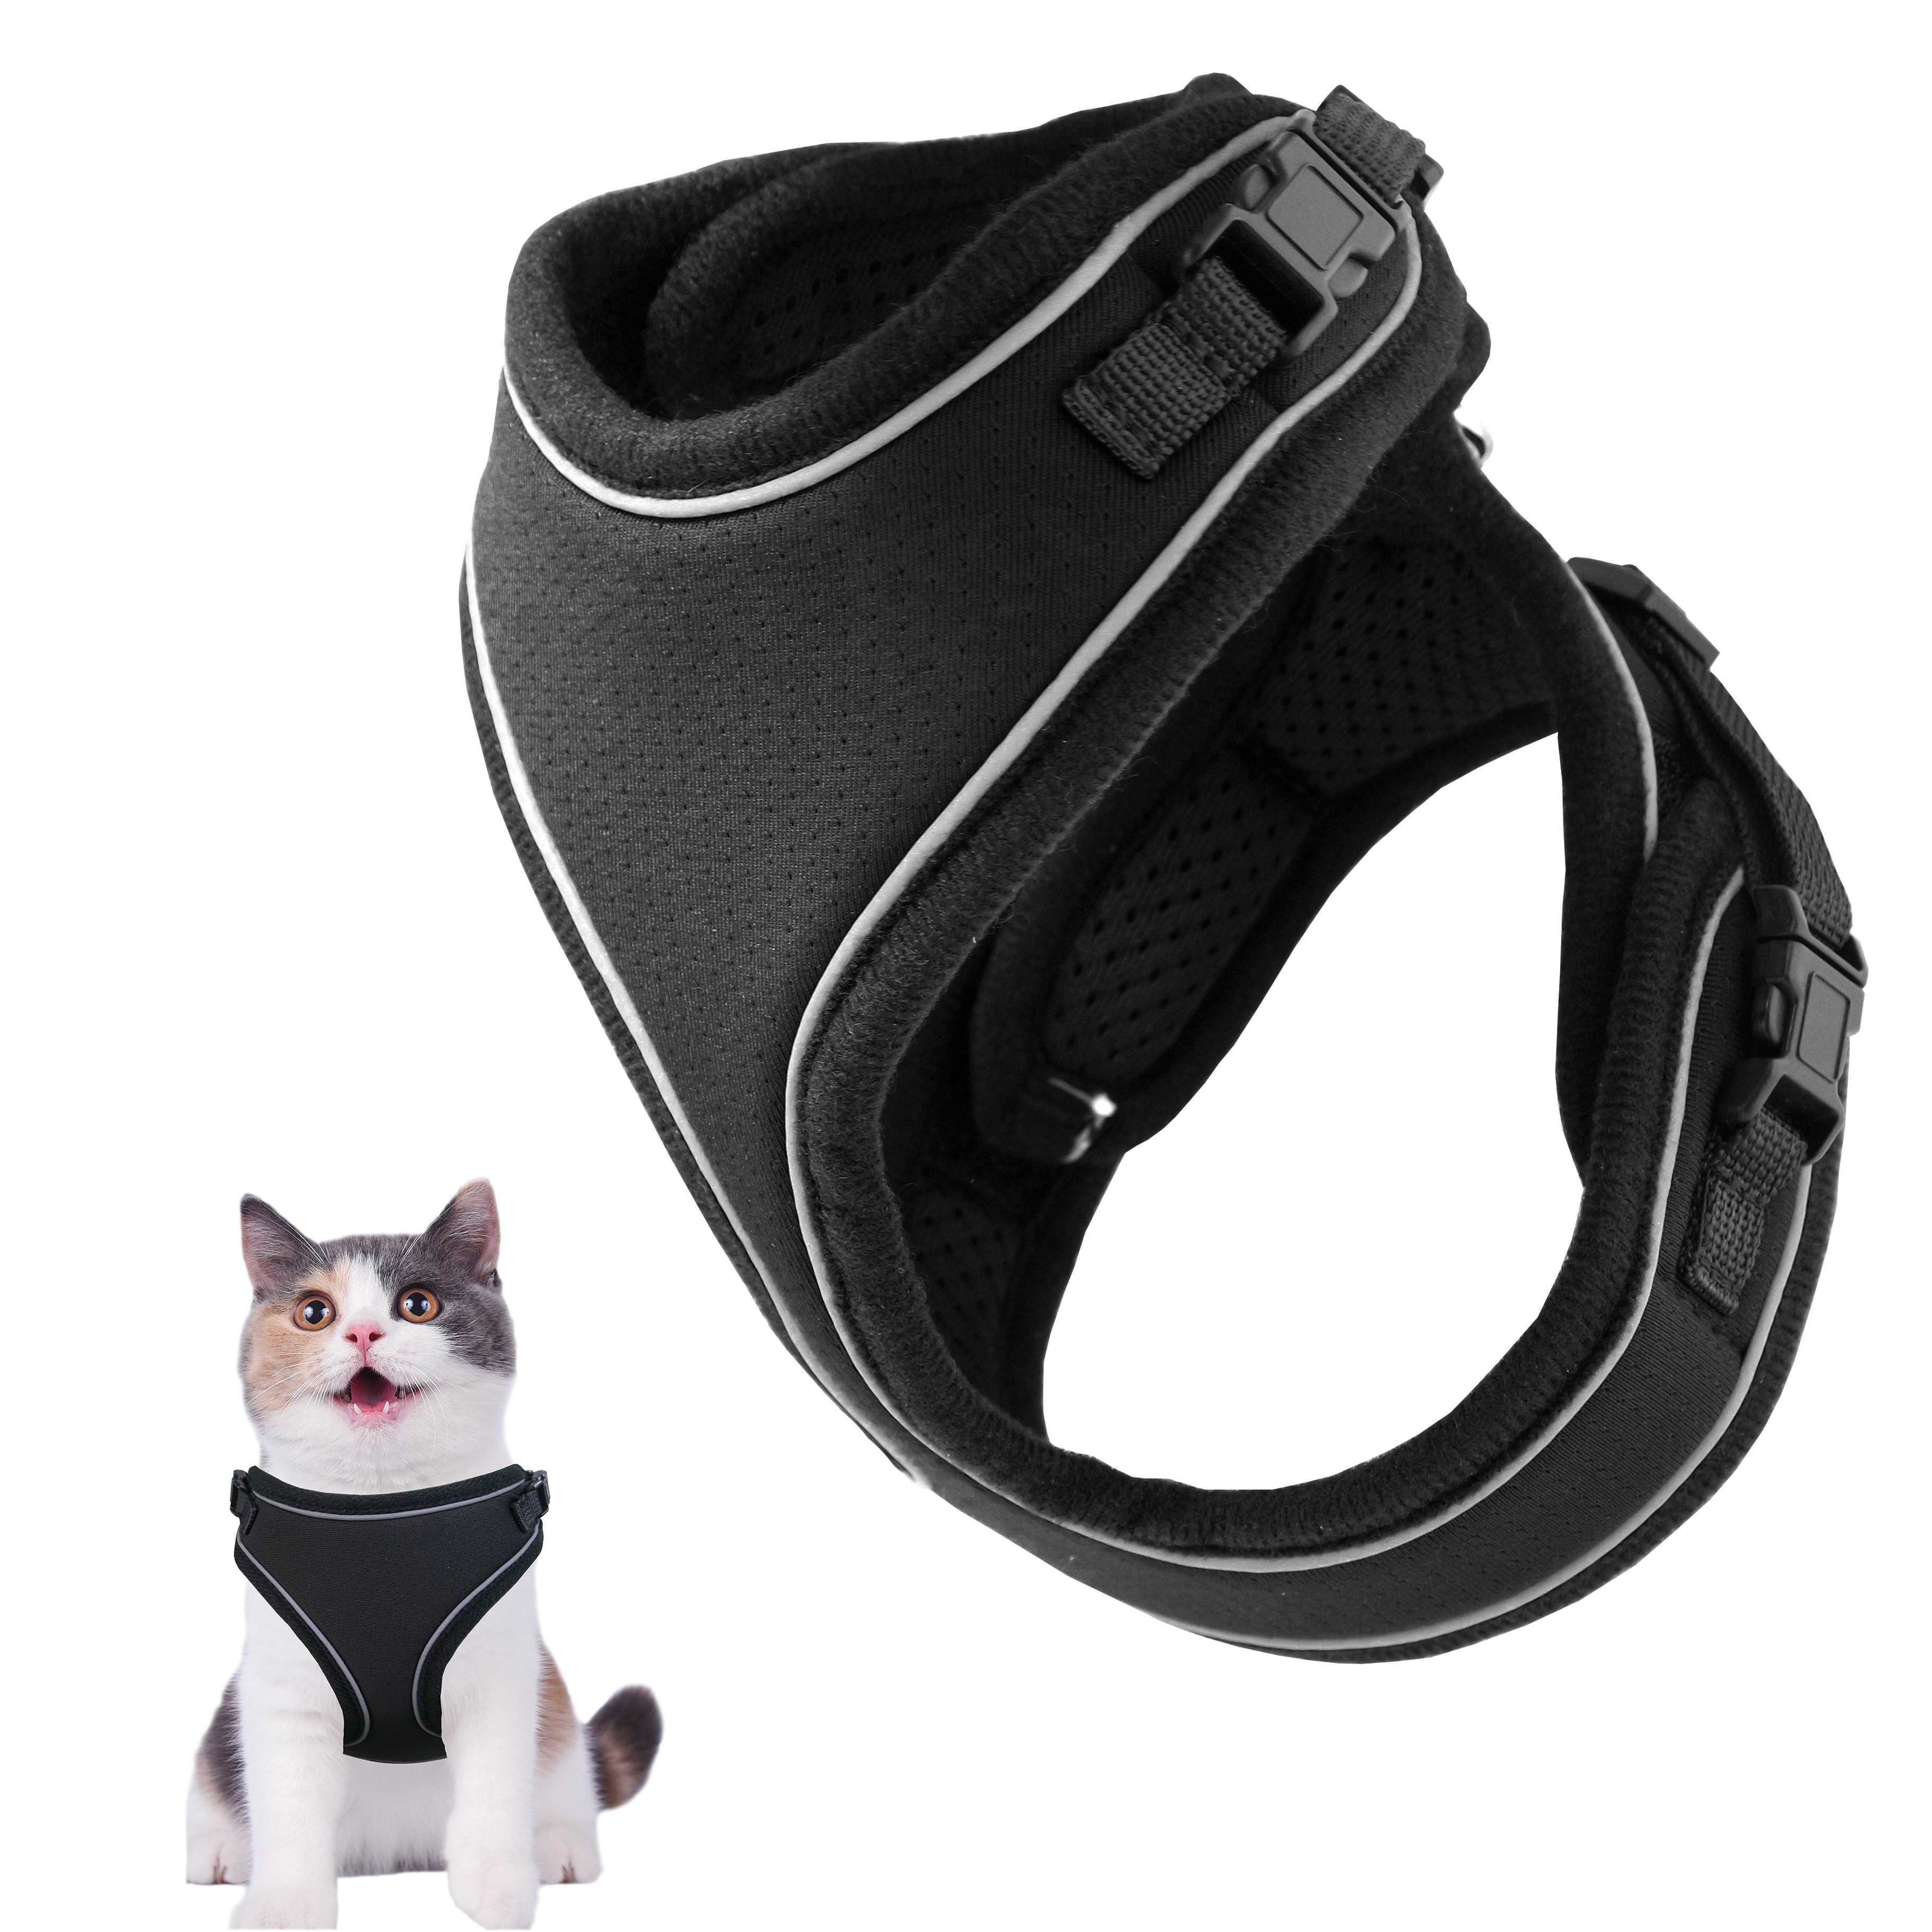 Idepet Arn/és y correa para gatos para caminar Arn/és de chaleco de malla suave ajustable para gatos peque/ños medianos grandes Mascotas Gatito Cachorro Conejo